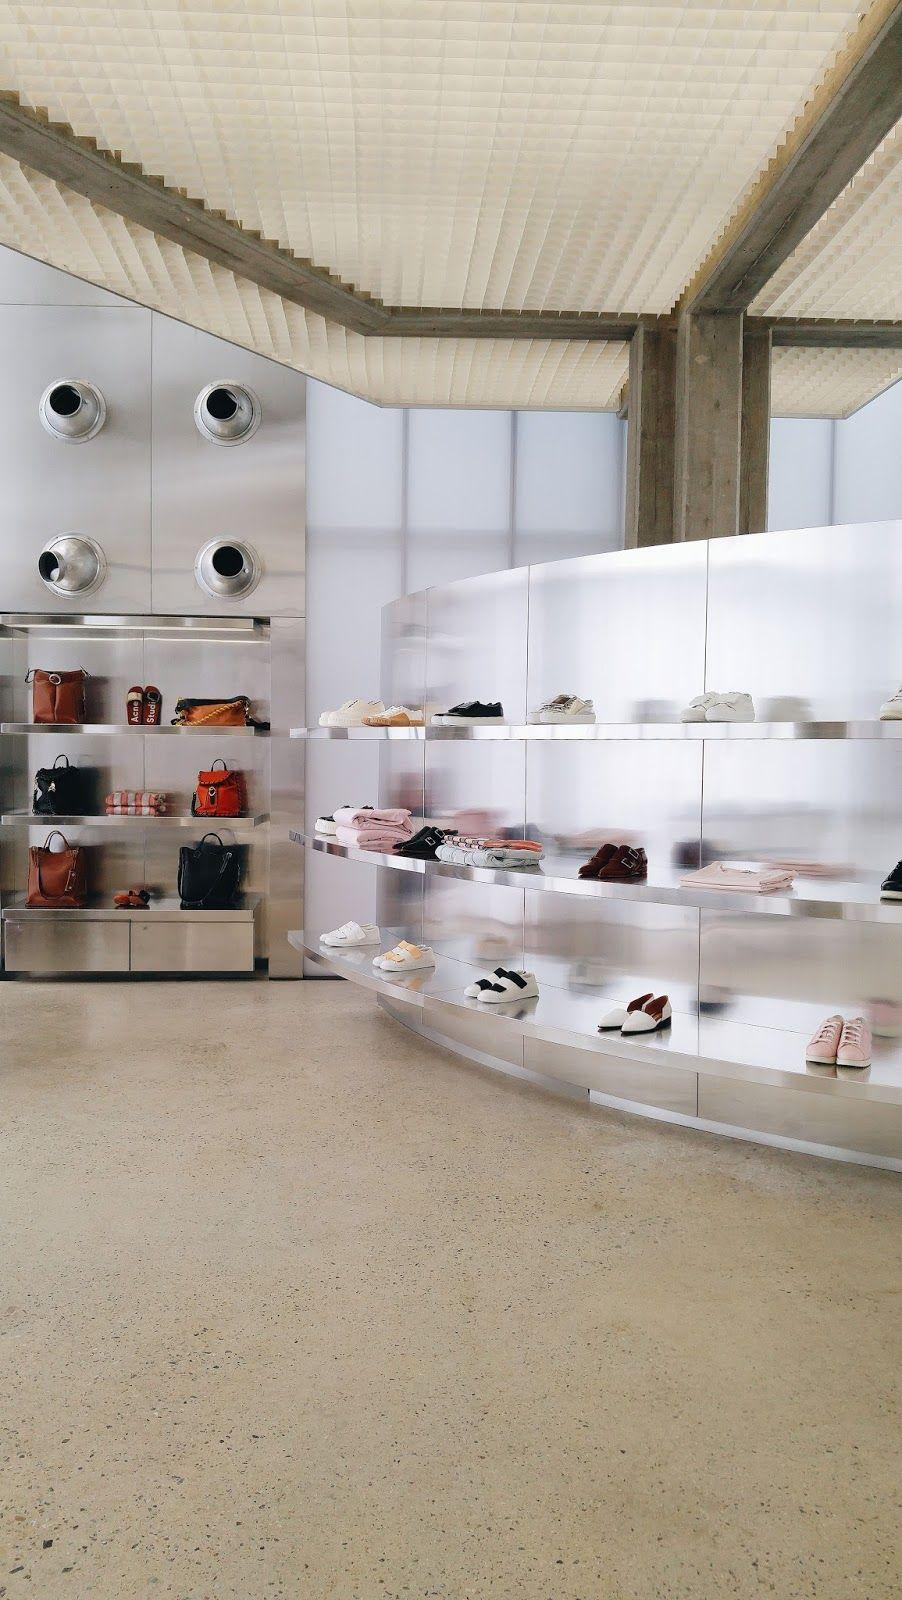 Beyunique Interior Design Acne Studios Flagship Store In Cheongdam Seoul Retail Interior Design Retail Store Interior Design Comercial Interior Design